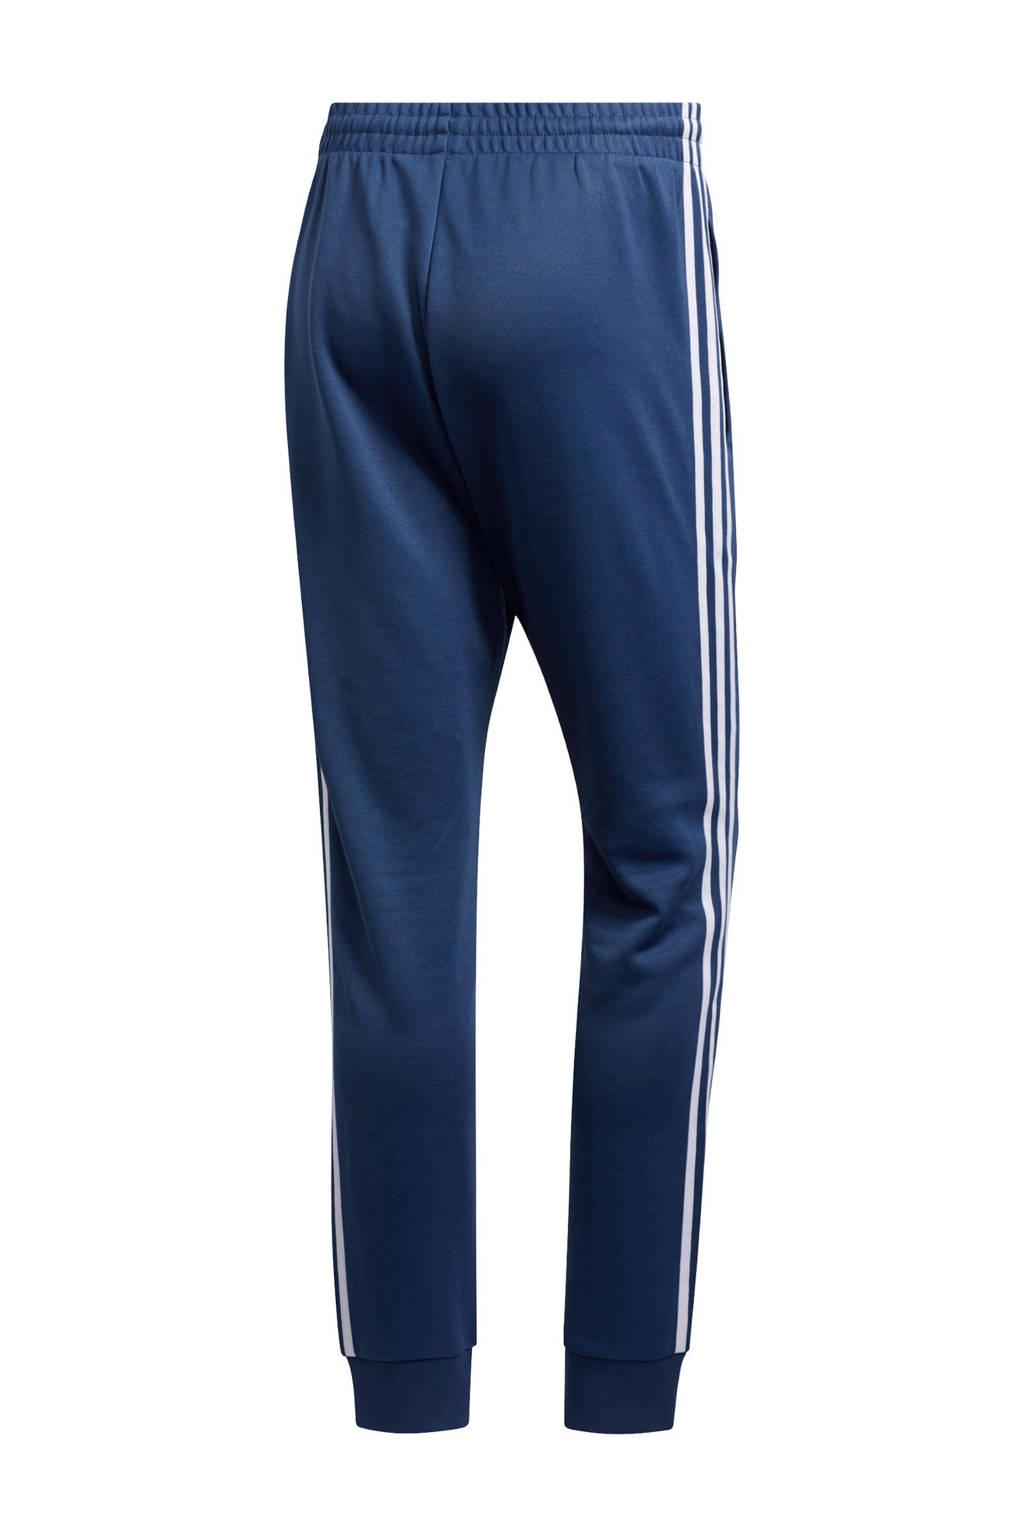 adidas Originals   Adicolor trainingsbroek blauw, Blauw